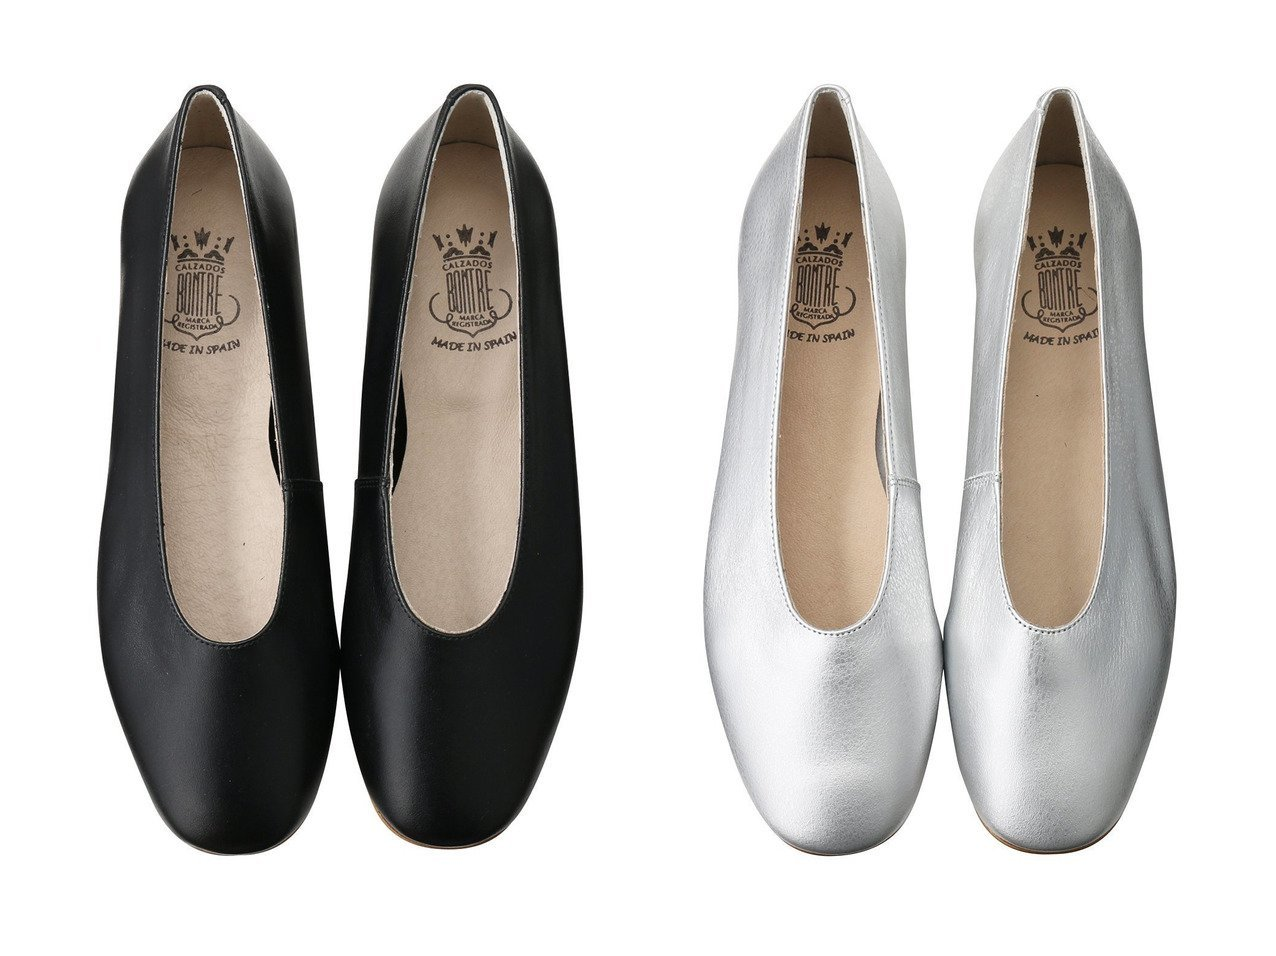 【Esmeralda/エスメラルダ】の【BONTRE】ソフトフラットパンプス 【シューズ・靴】おすすめ!人気、トレンド・レディースファッションの通販  おすすめで人気の流行・トレンド、ファッションの通販商品 メンズファッション・キッズファッション・インテリア・家具・レディースファッション・服の通販 founy(ファニー) https://founy.com/ ファッション Fashion レディースファッション WOMEN シューズ フラット |ID:crp329100000034616